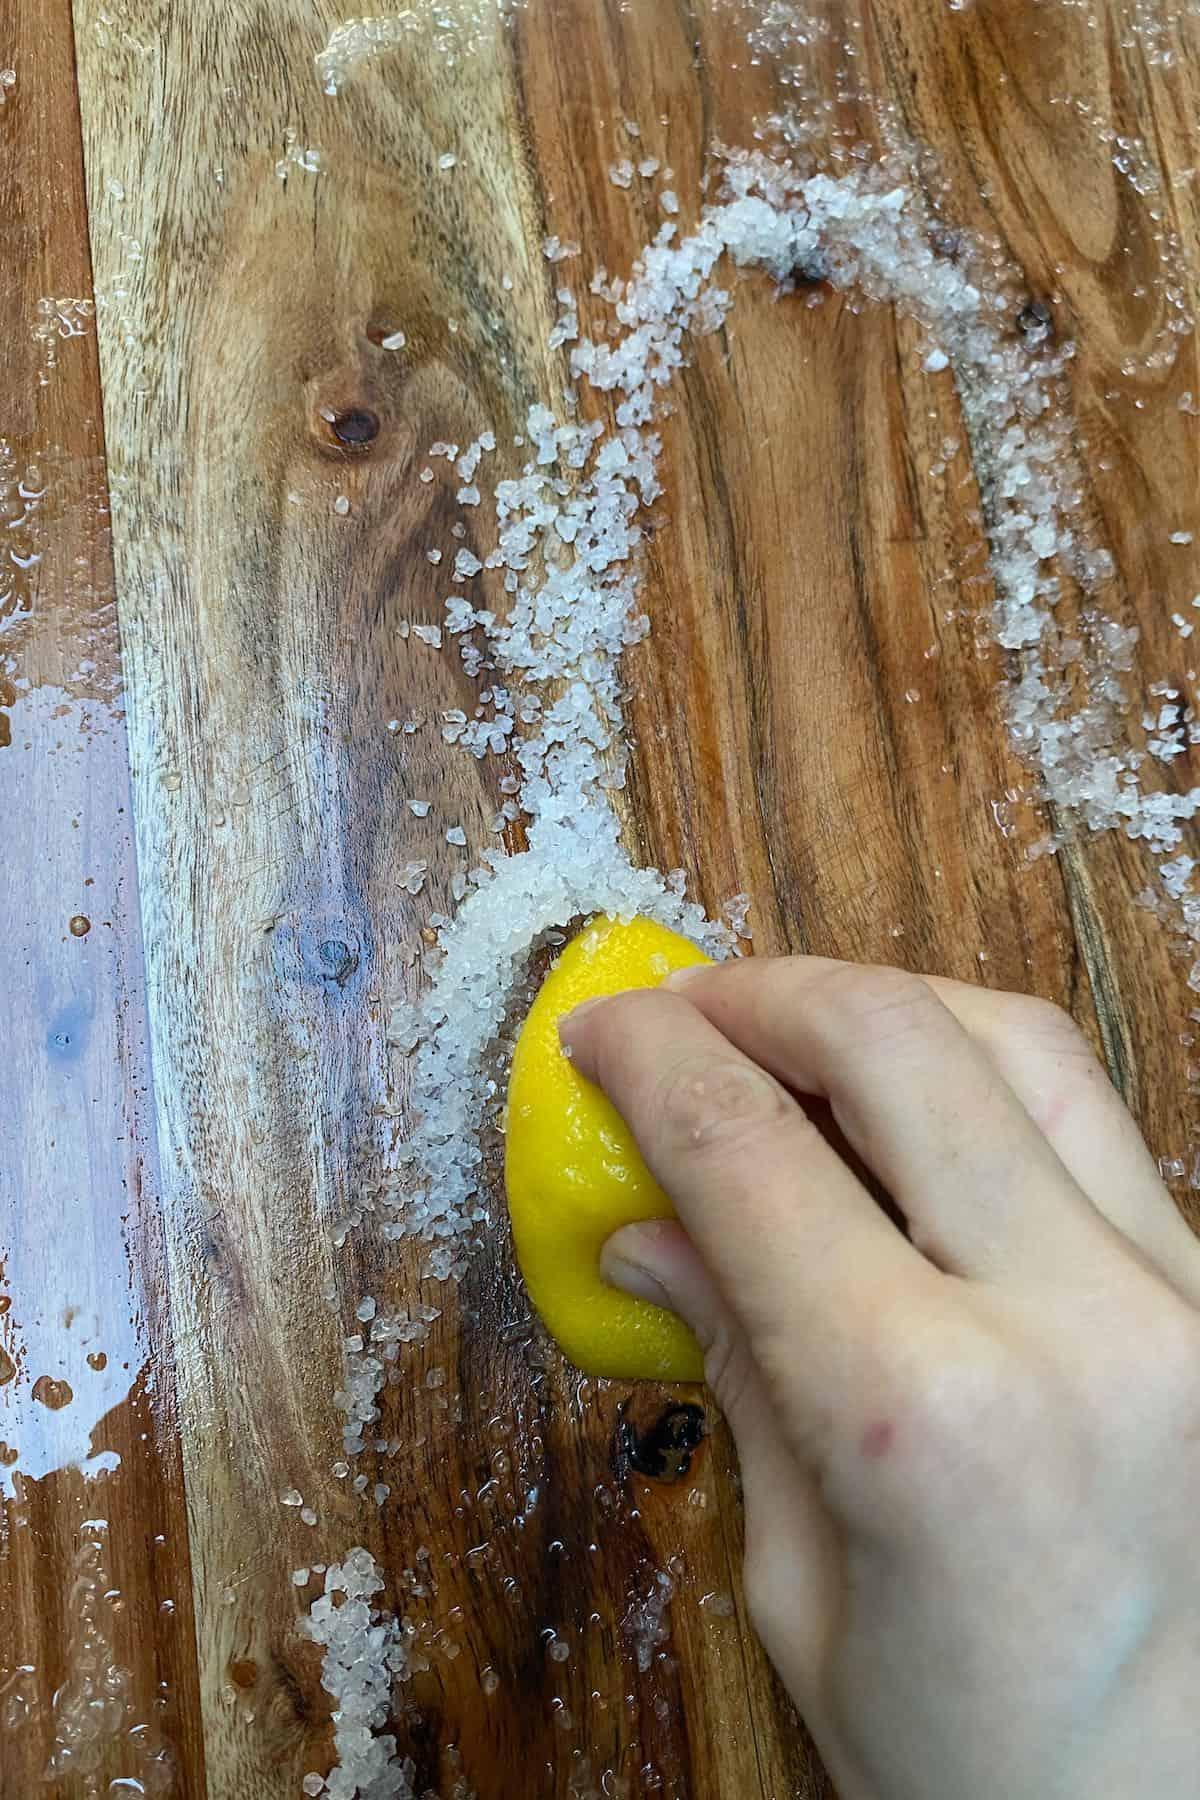 Rubbing lemon with salt on a wooden board